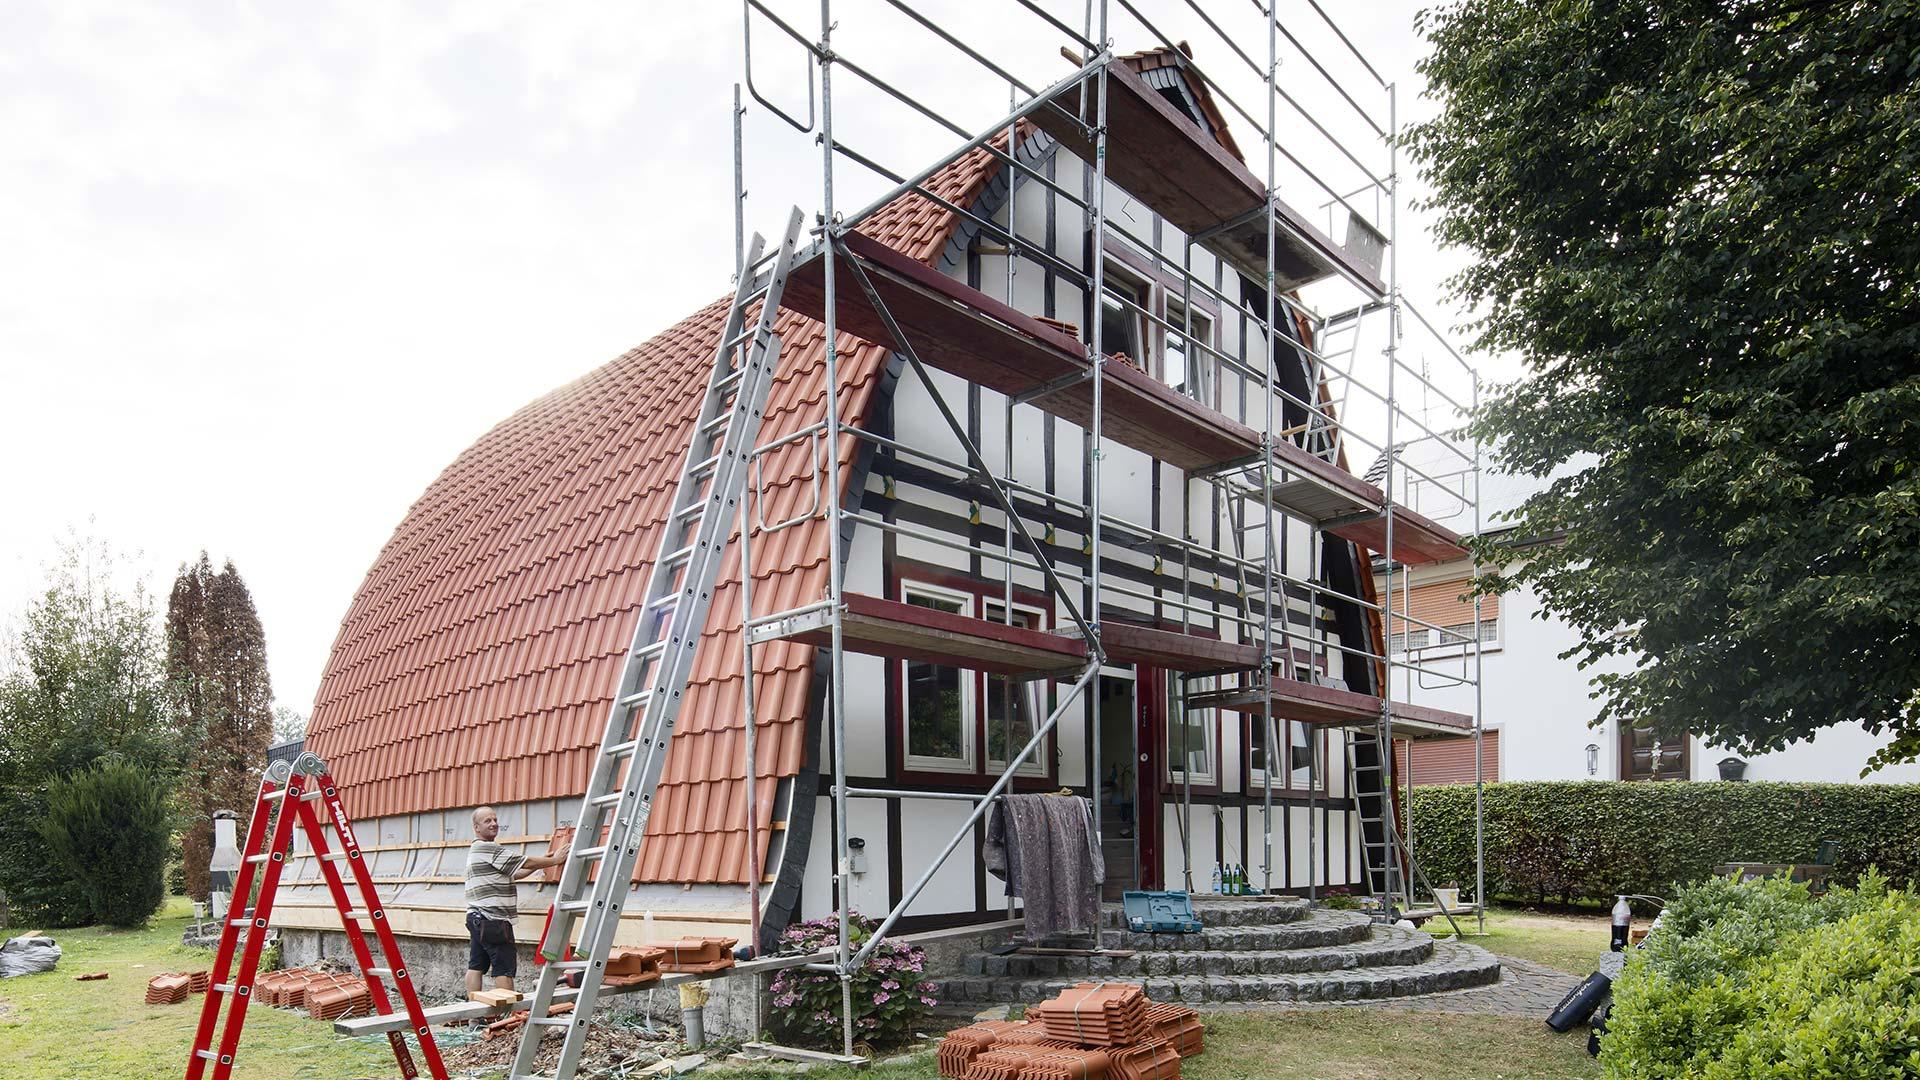 Architekturfotografie: Dacheindeckung | Foto: Dieter Eikenberg, imprints